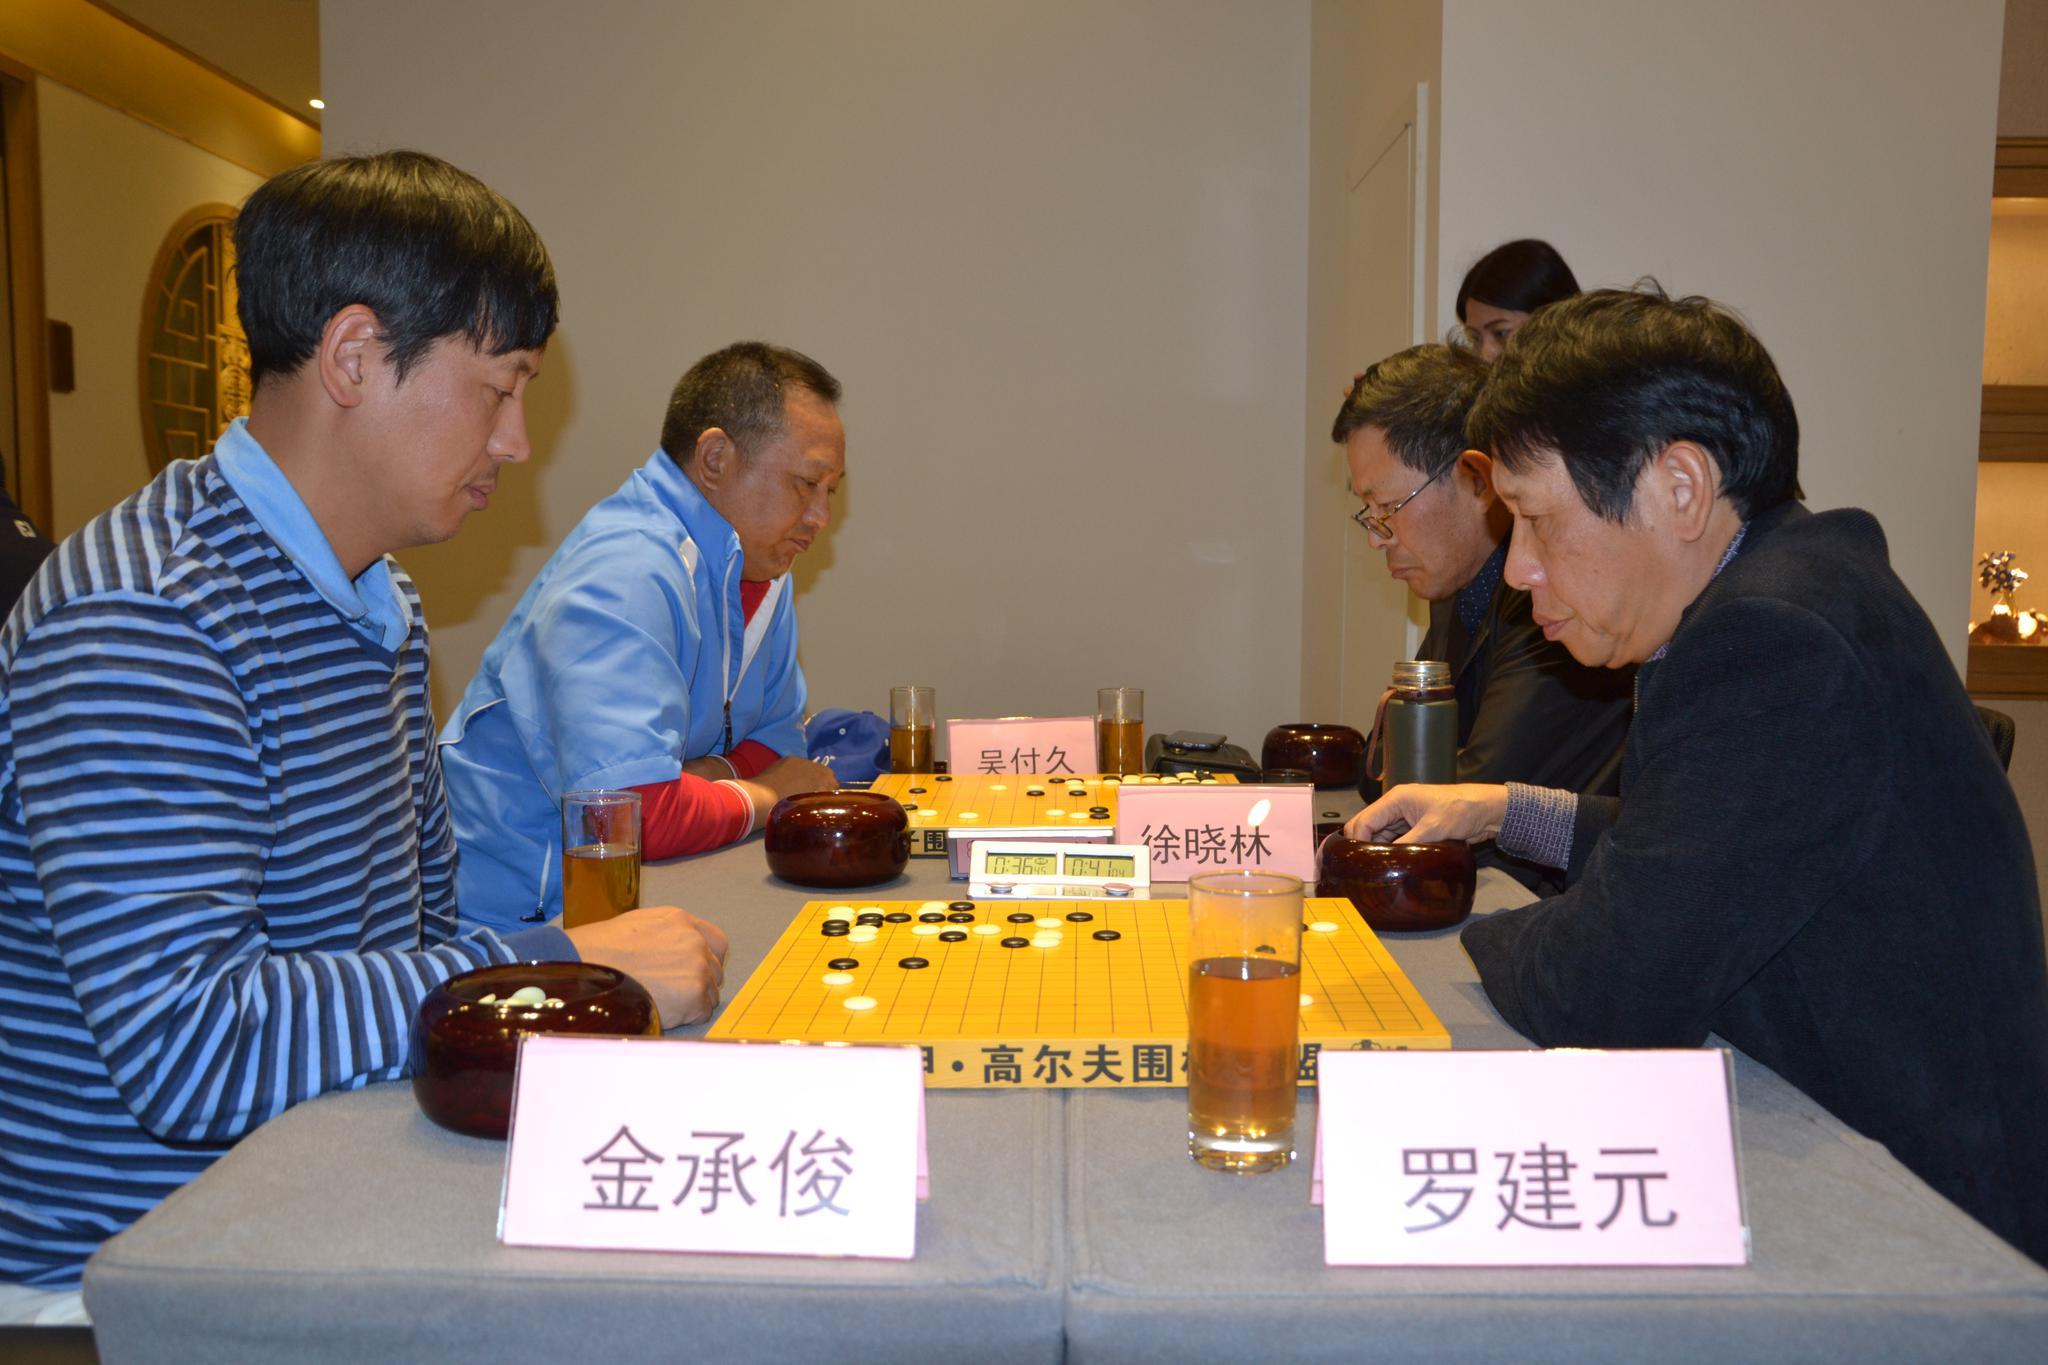 围棋与高尔夫趣谈:国内交流赛初具赛事雏形